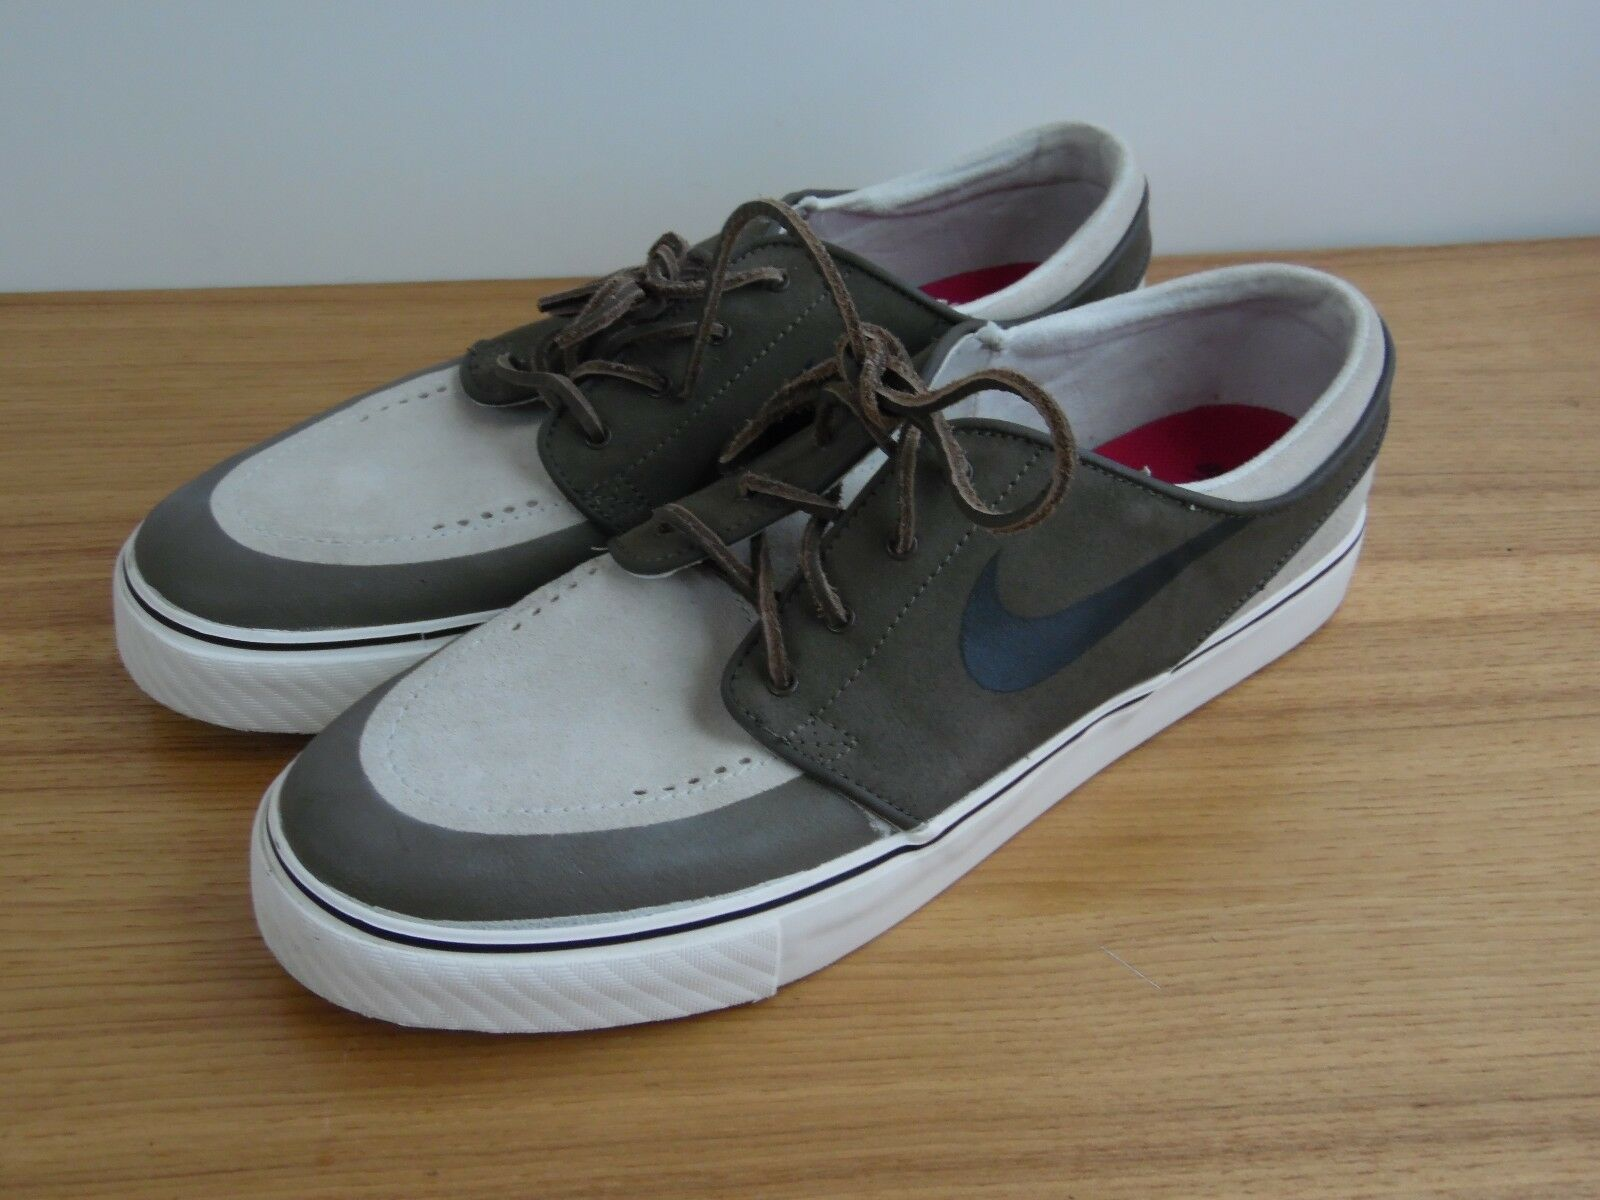 Mens NIKE STEFAN JANOSKI  SB ZOOM AIR Gray/tan  Skate Sneaker Size 12 mint